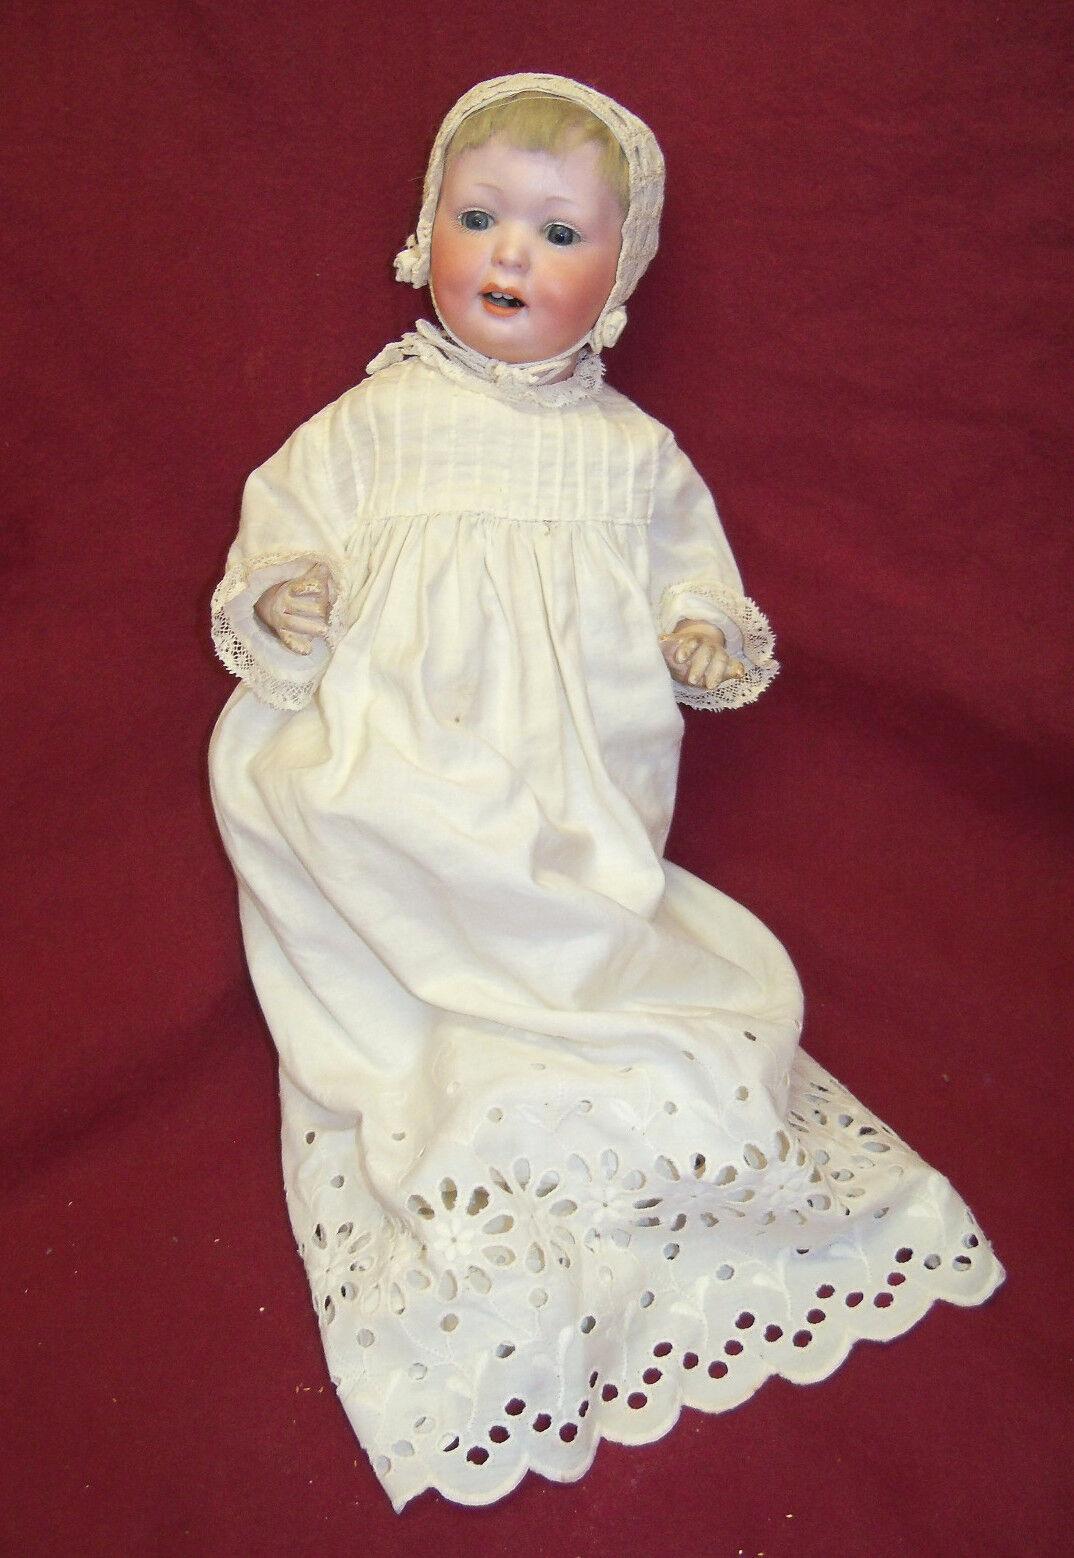 Antiguo a.m. D.R.G.M. Alemania Composición Cuerpo cabeza de Biscuit muñeca bebé de carácter